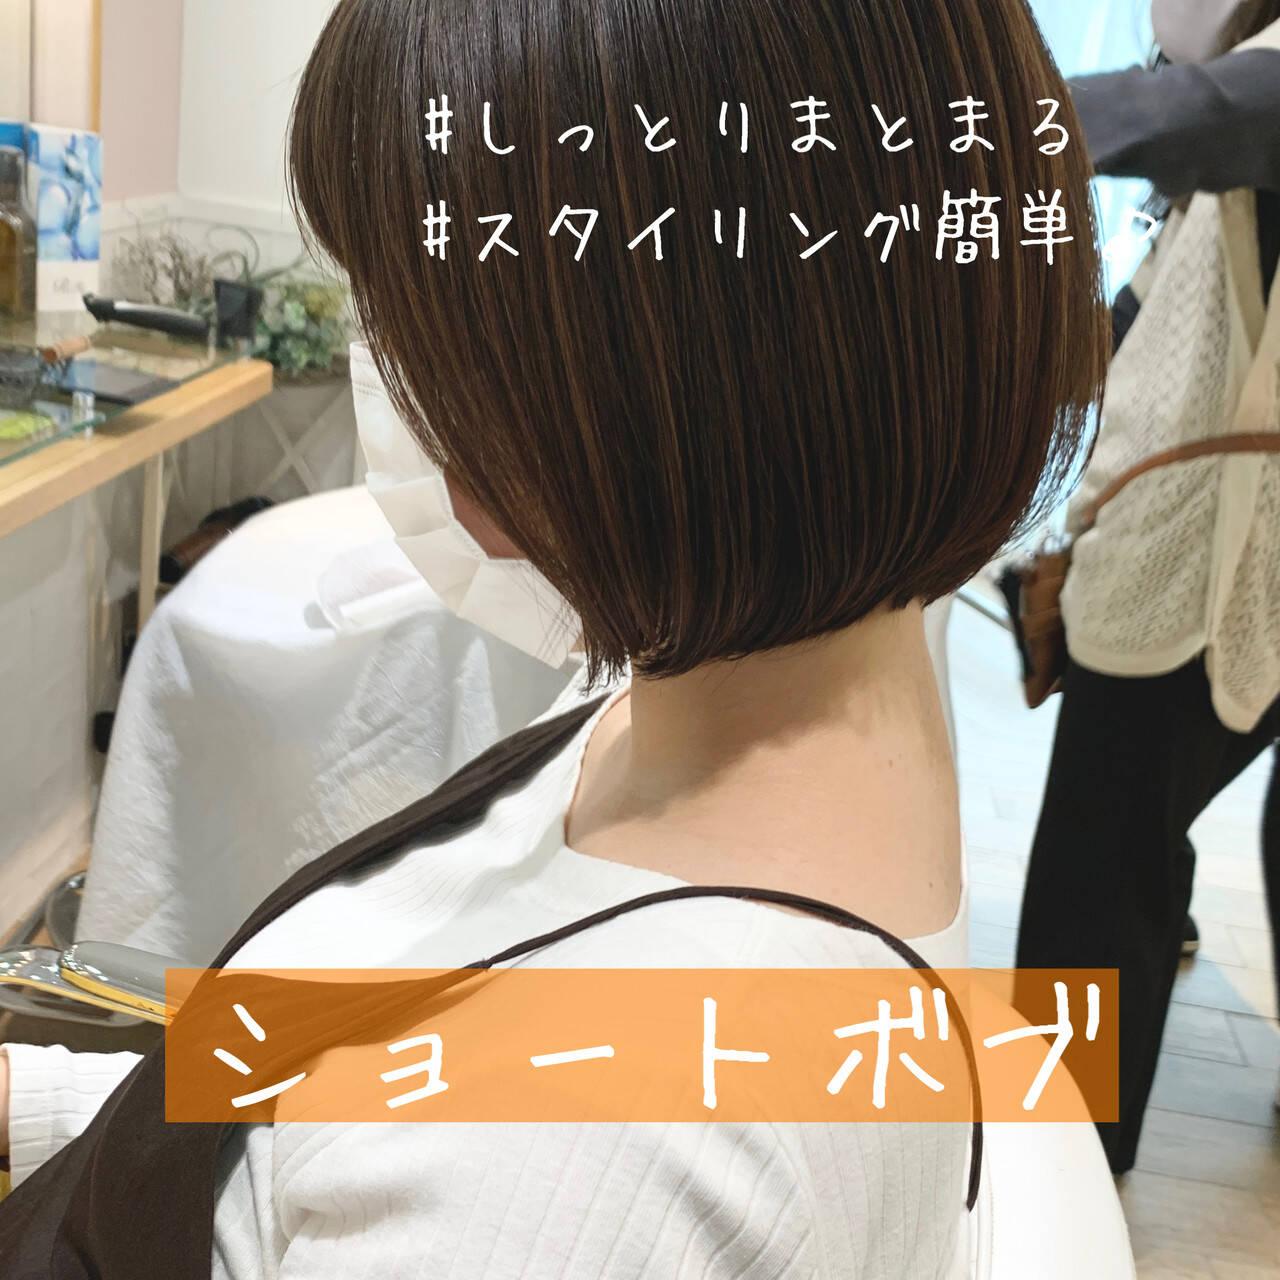 ベリーショート ショートボブ ショートヘア 切りっぱなしボブヘアスタイルや髪型の写真・画像